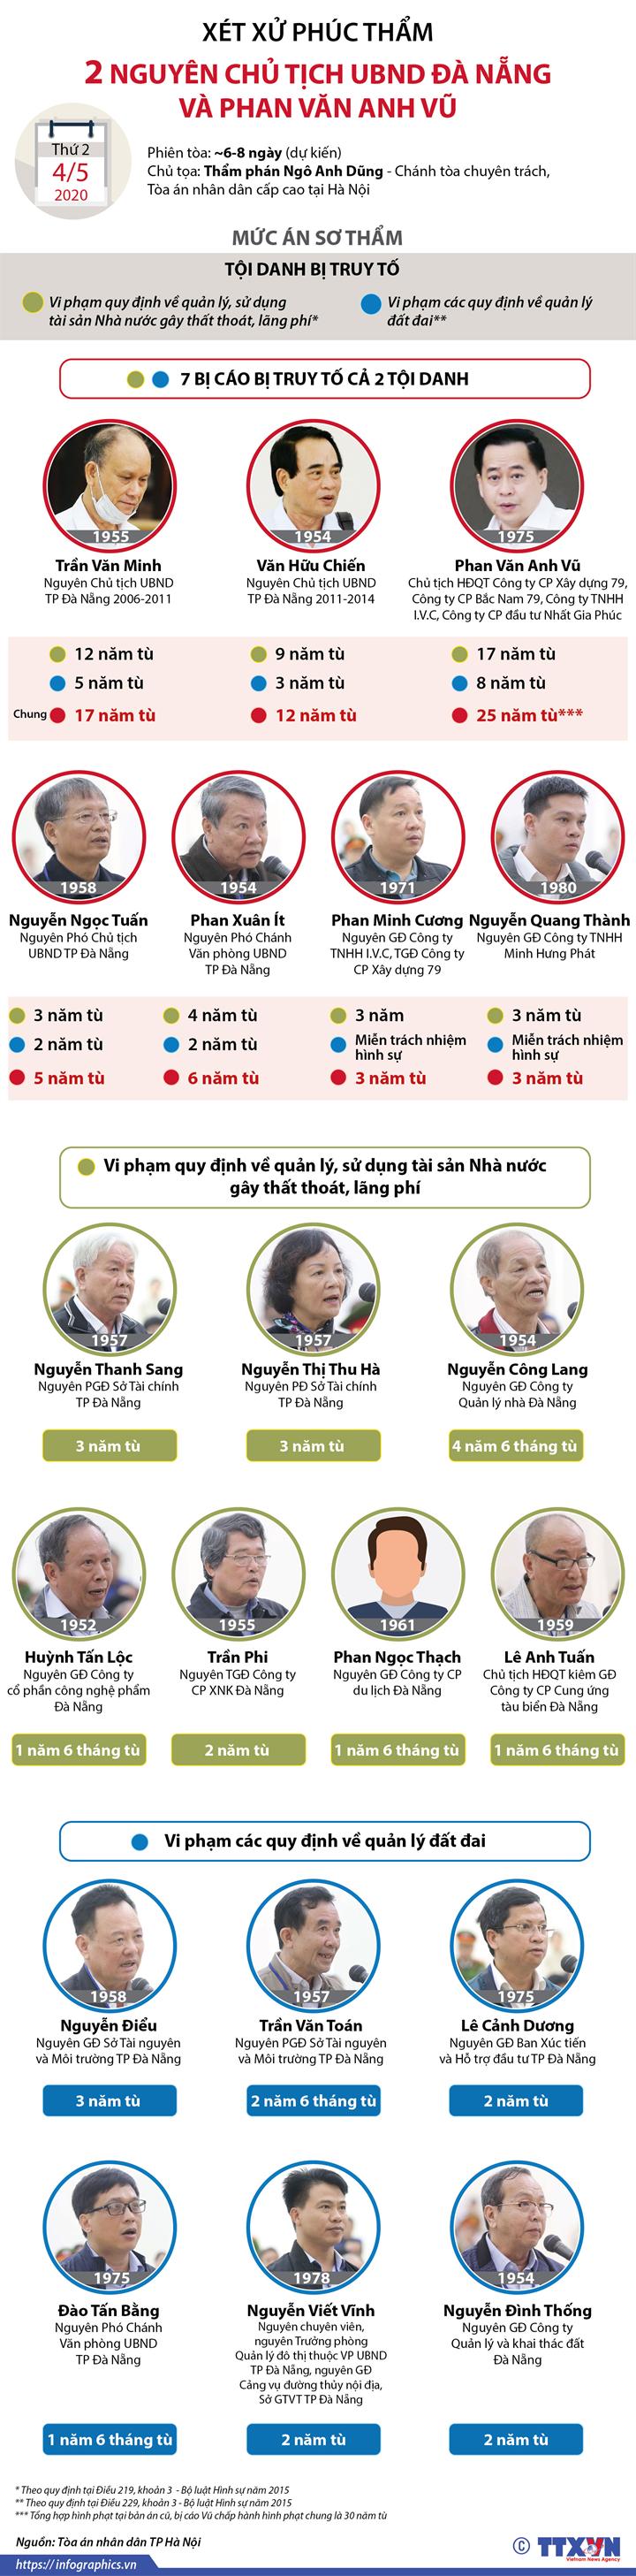 Xét xử phúc thẩm 2 nguyên Chủ tịch UBND Đà Nẵng và Phan Văn Anh Vũ